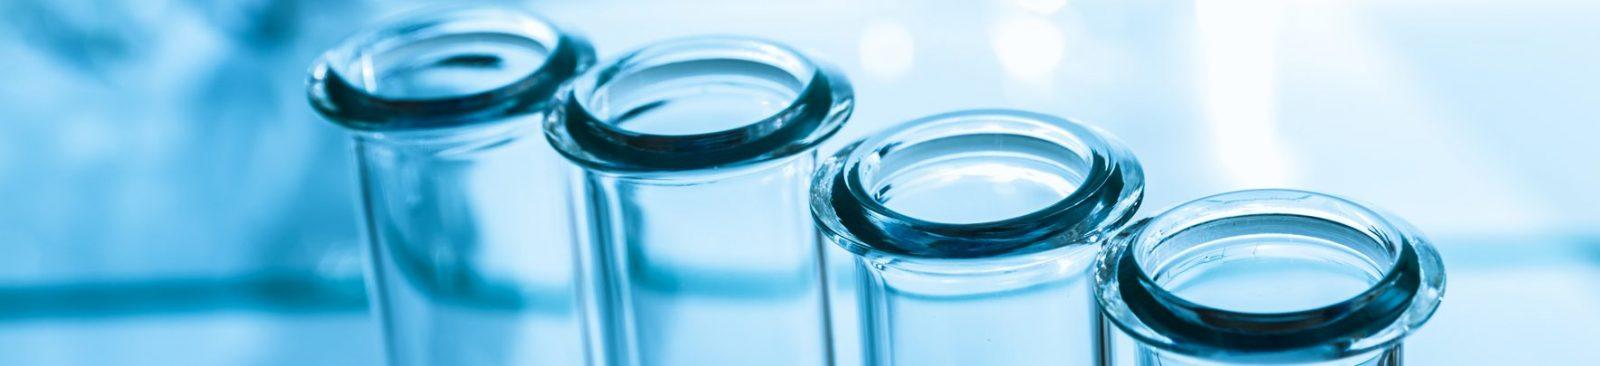 Лабораторное оборудование: обзоры, сравнения, рекомендации